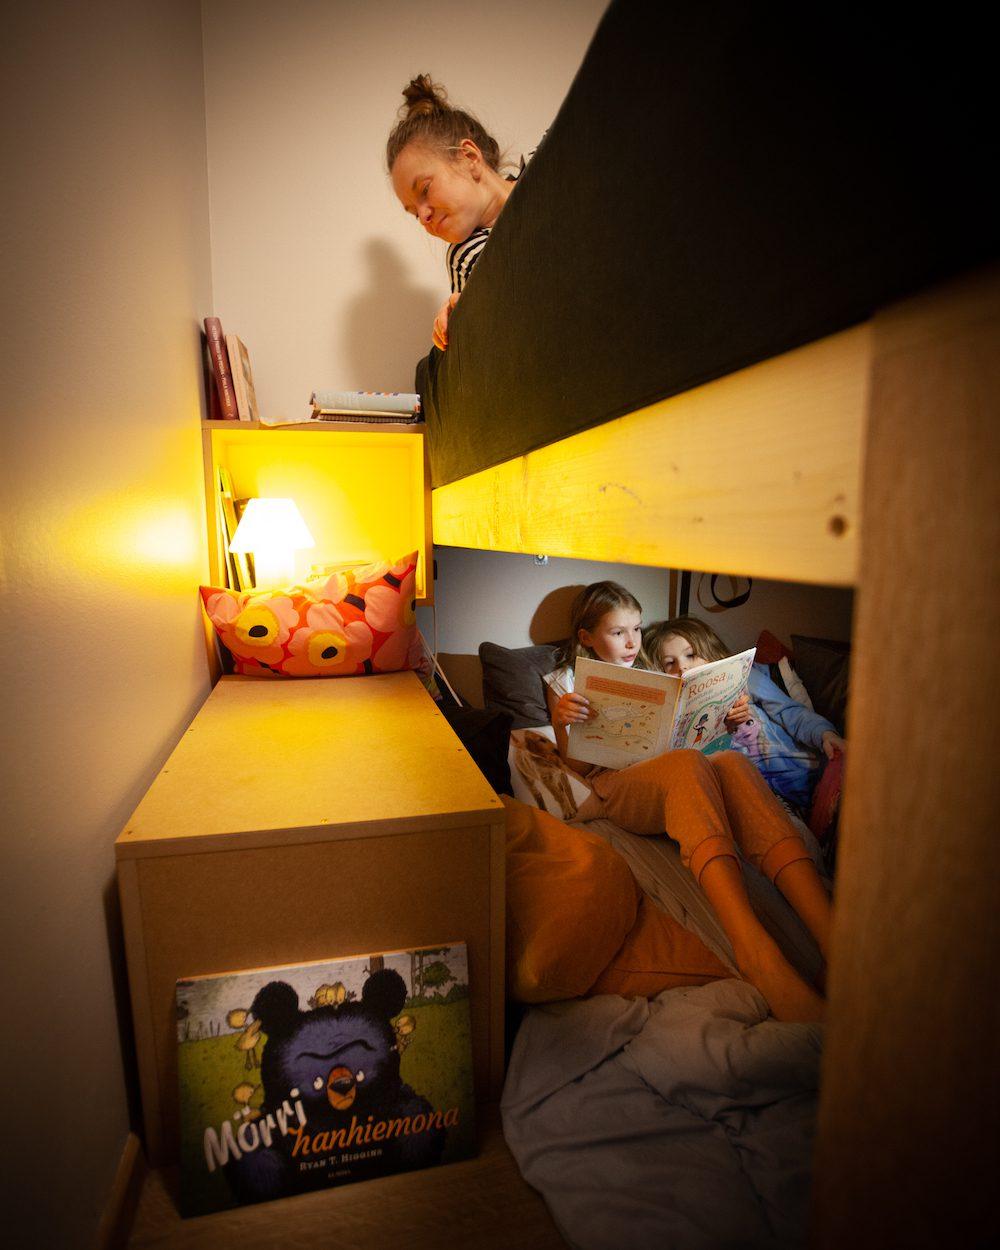 lukupesä sängyn alla